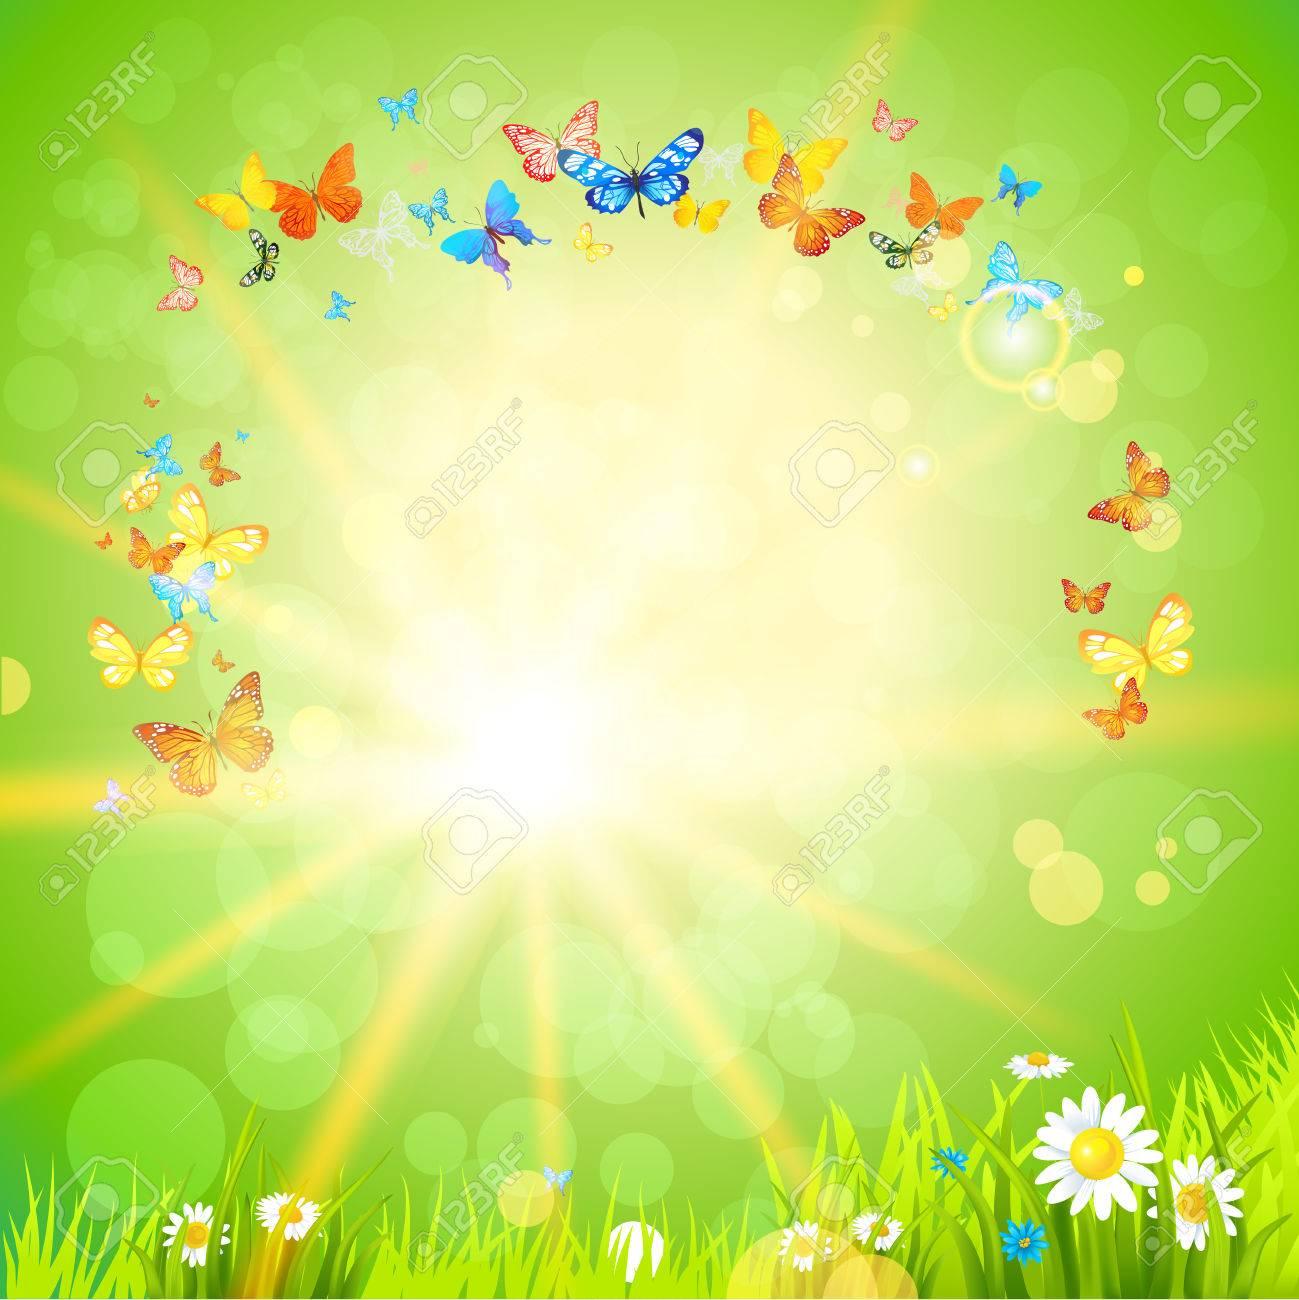 Vettoriale Estate Sfondo Eco Con I Fiori Il Sole E Le Farfalle